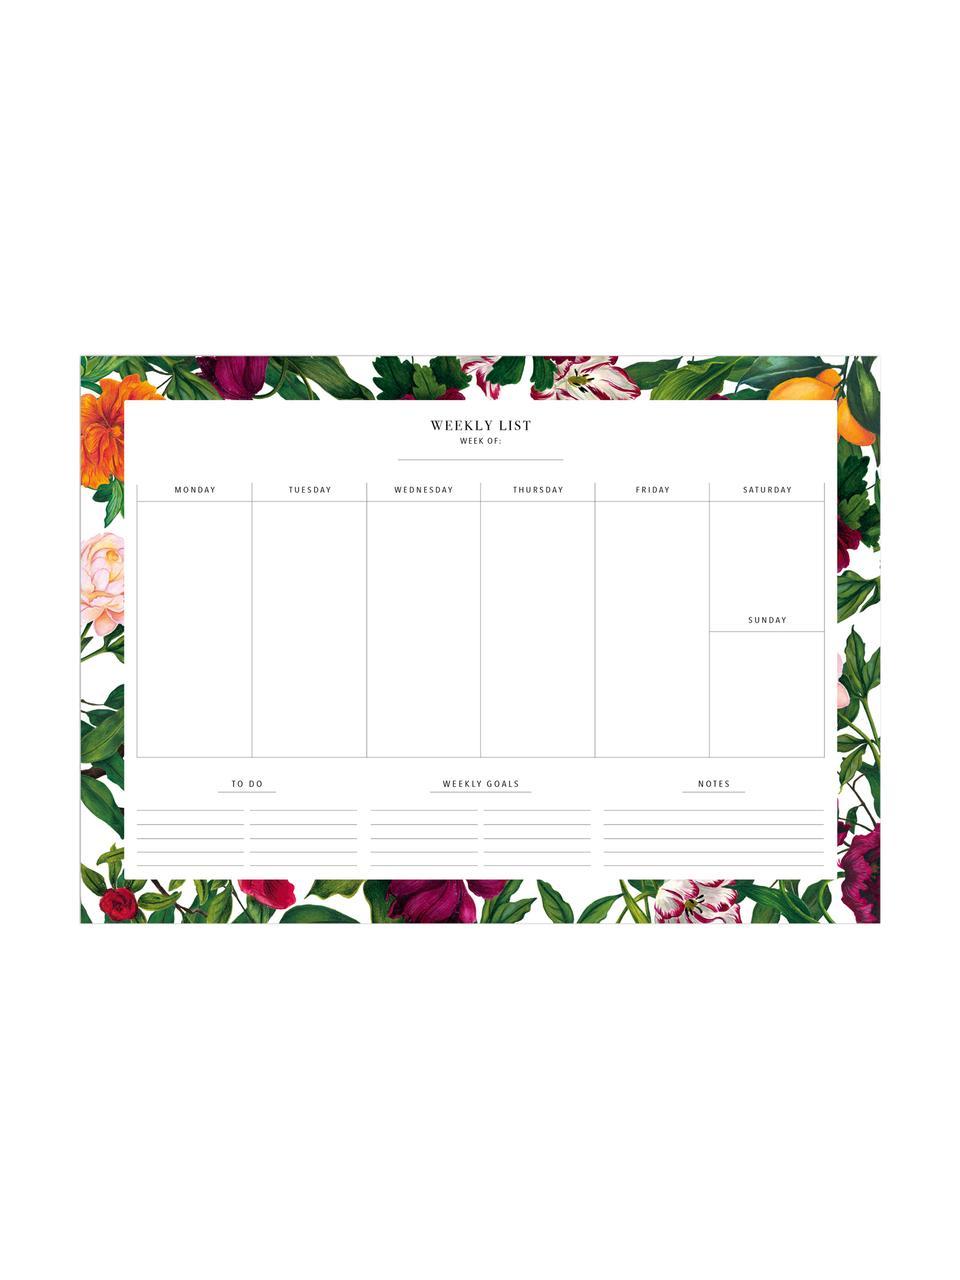 Wochenplaner The English Garden, Papier, Mehrfarbig, 30 x 21 cm